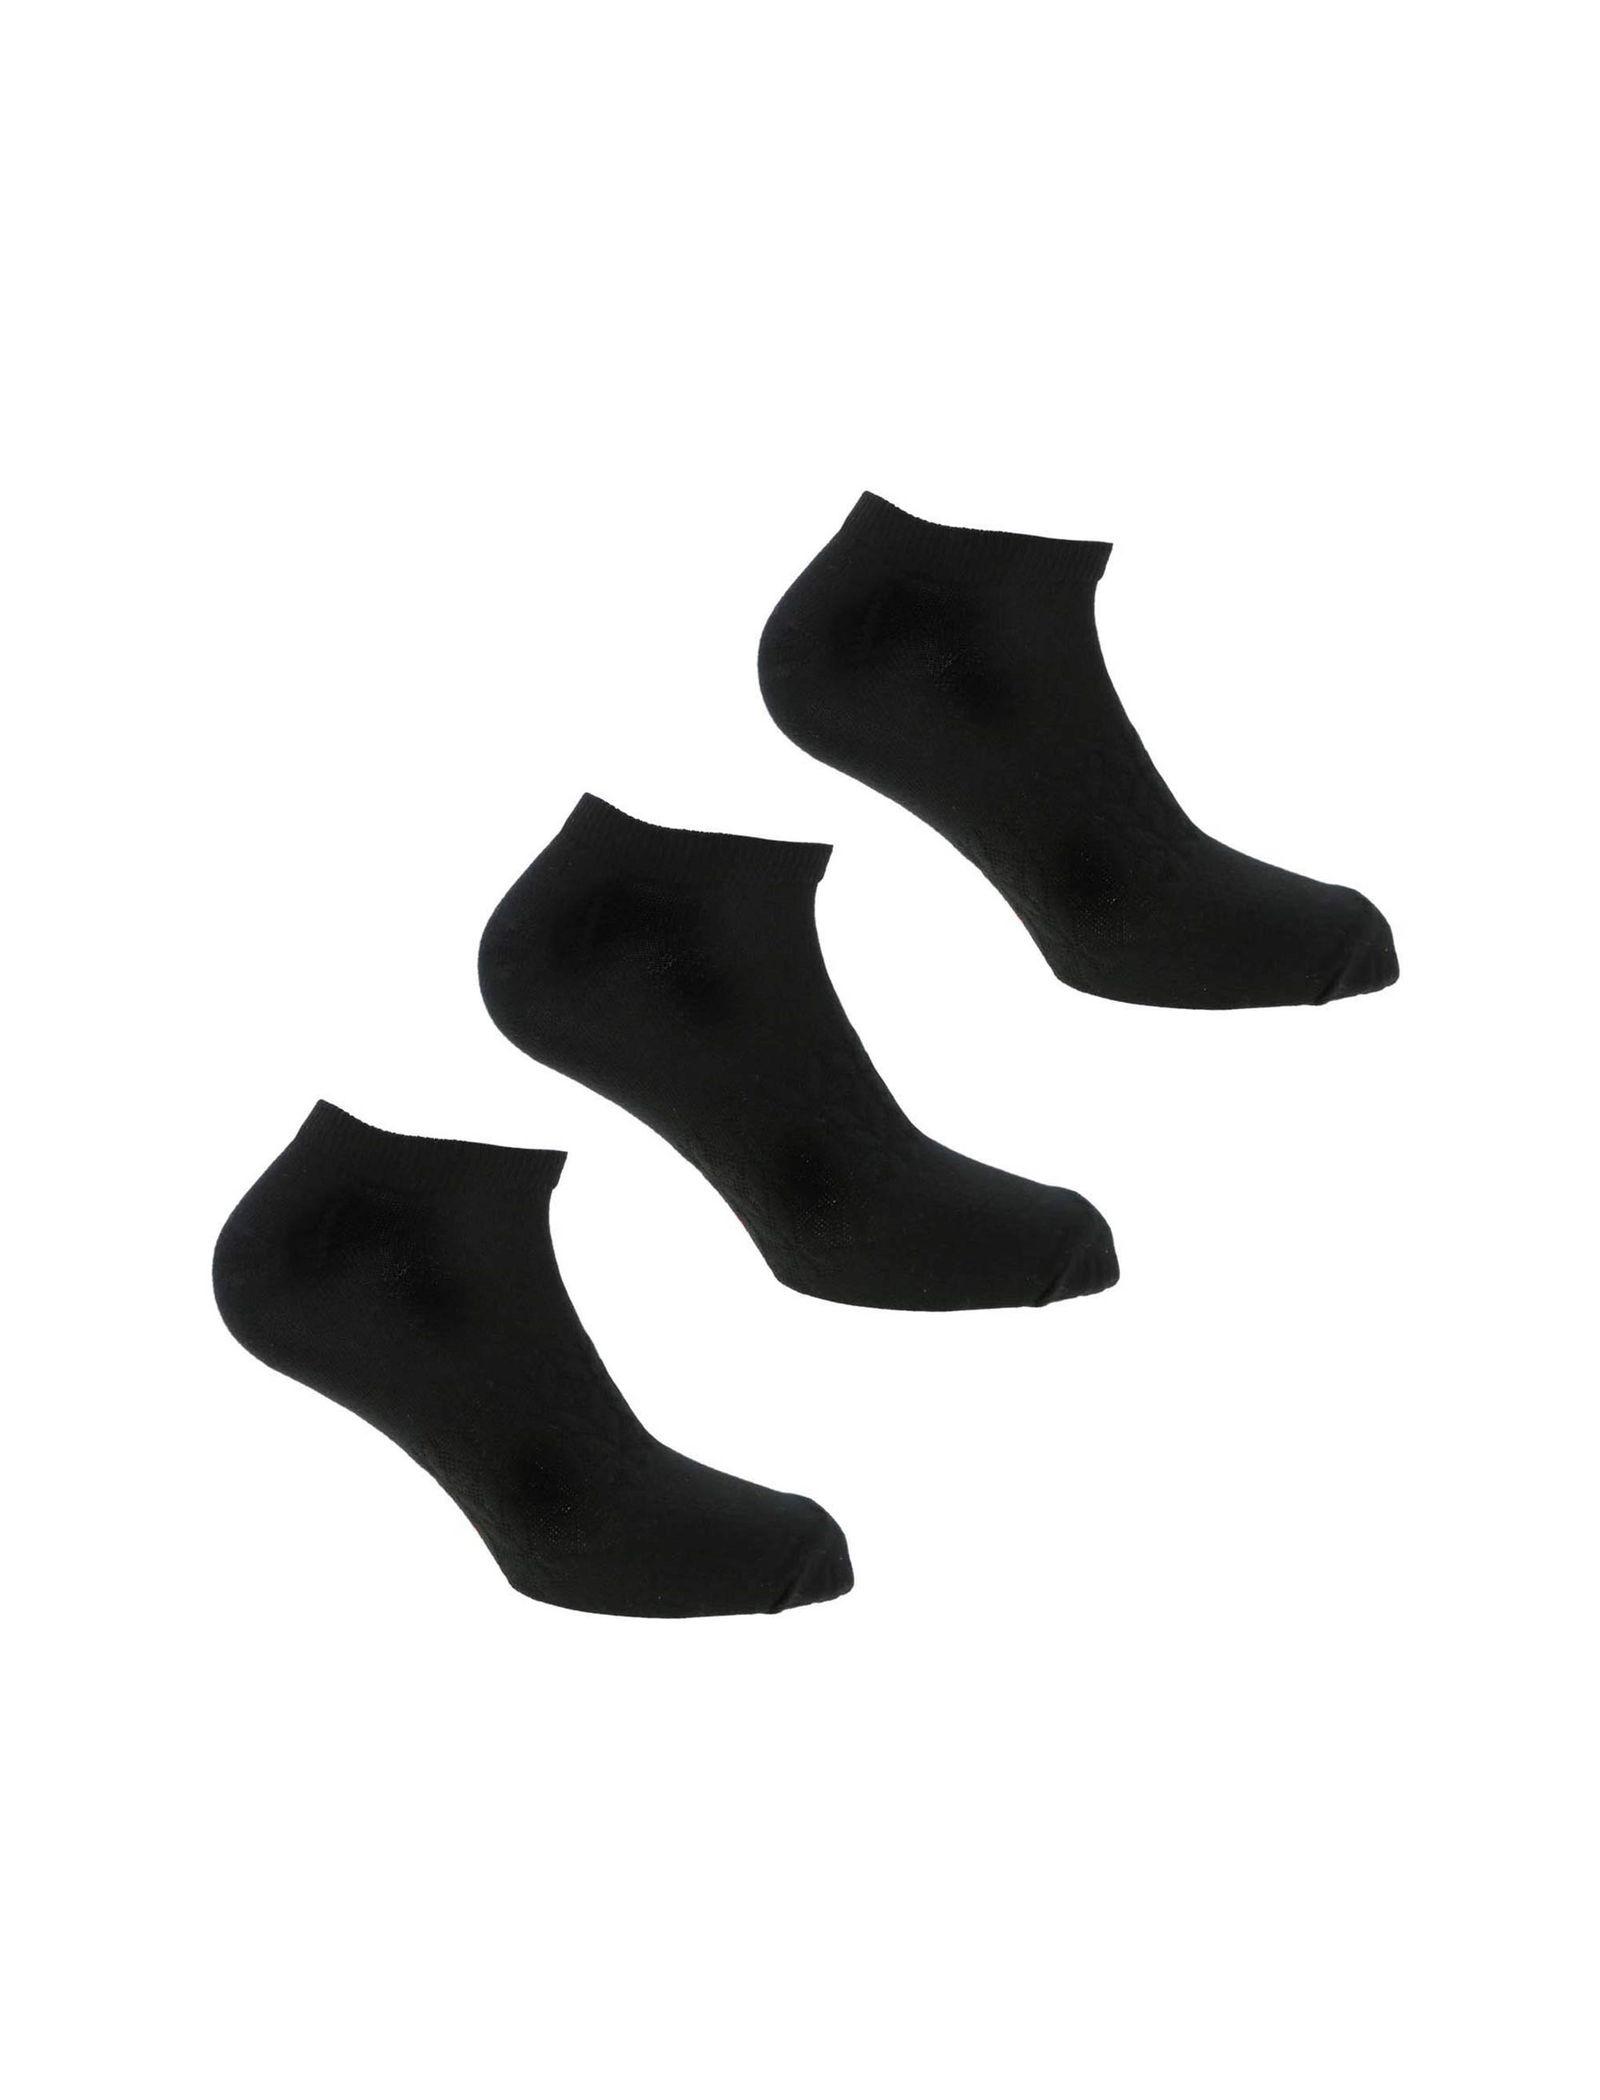 جوراب ورزشی بدون ساق مردانه بسته 3 عددی - ریباک - مشکي - 2